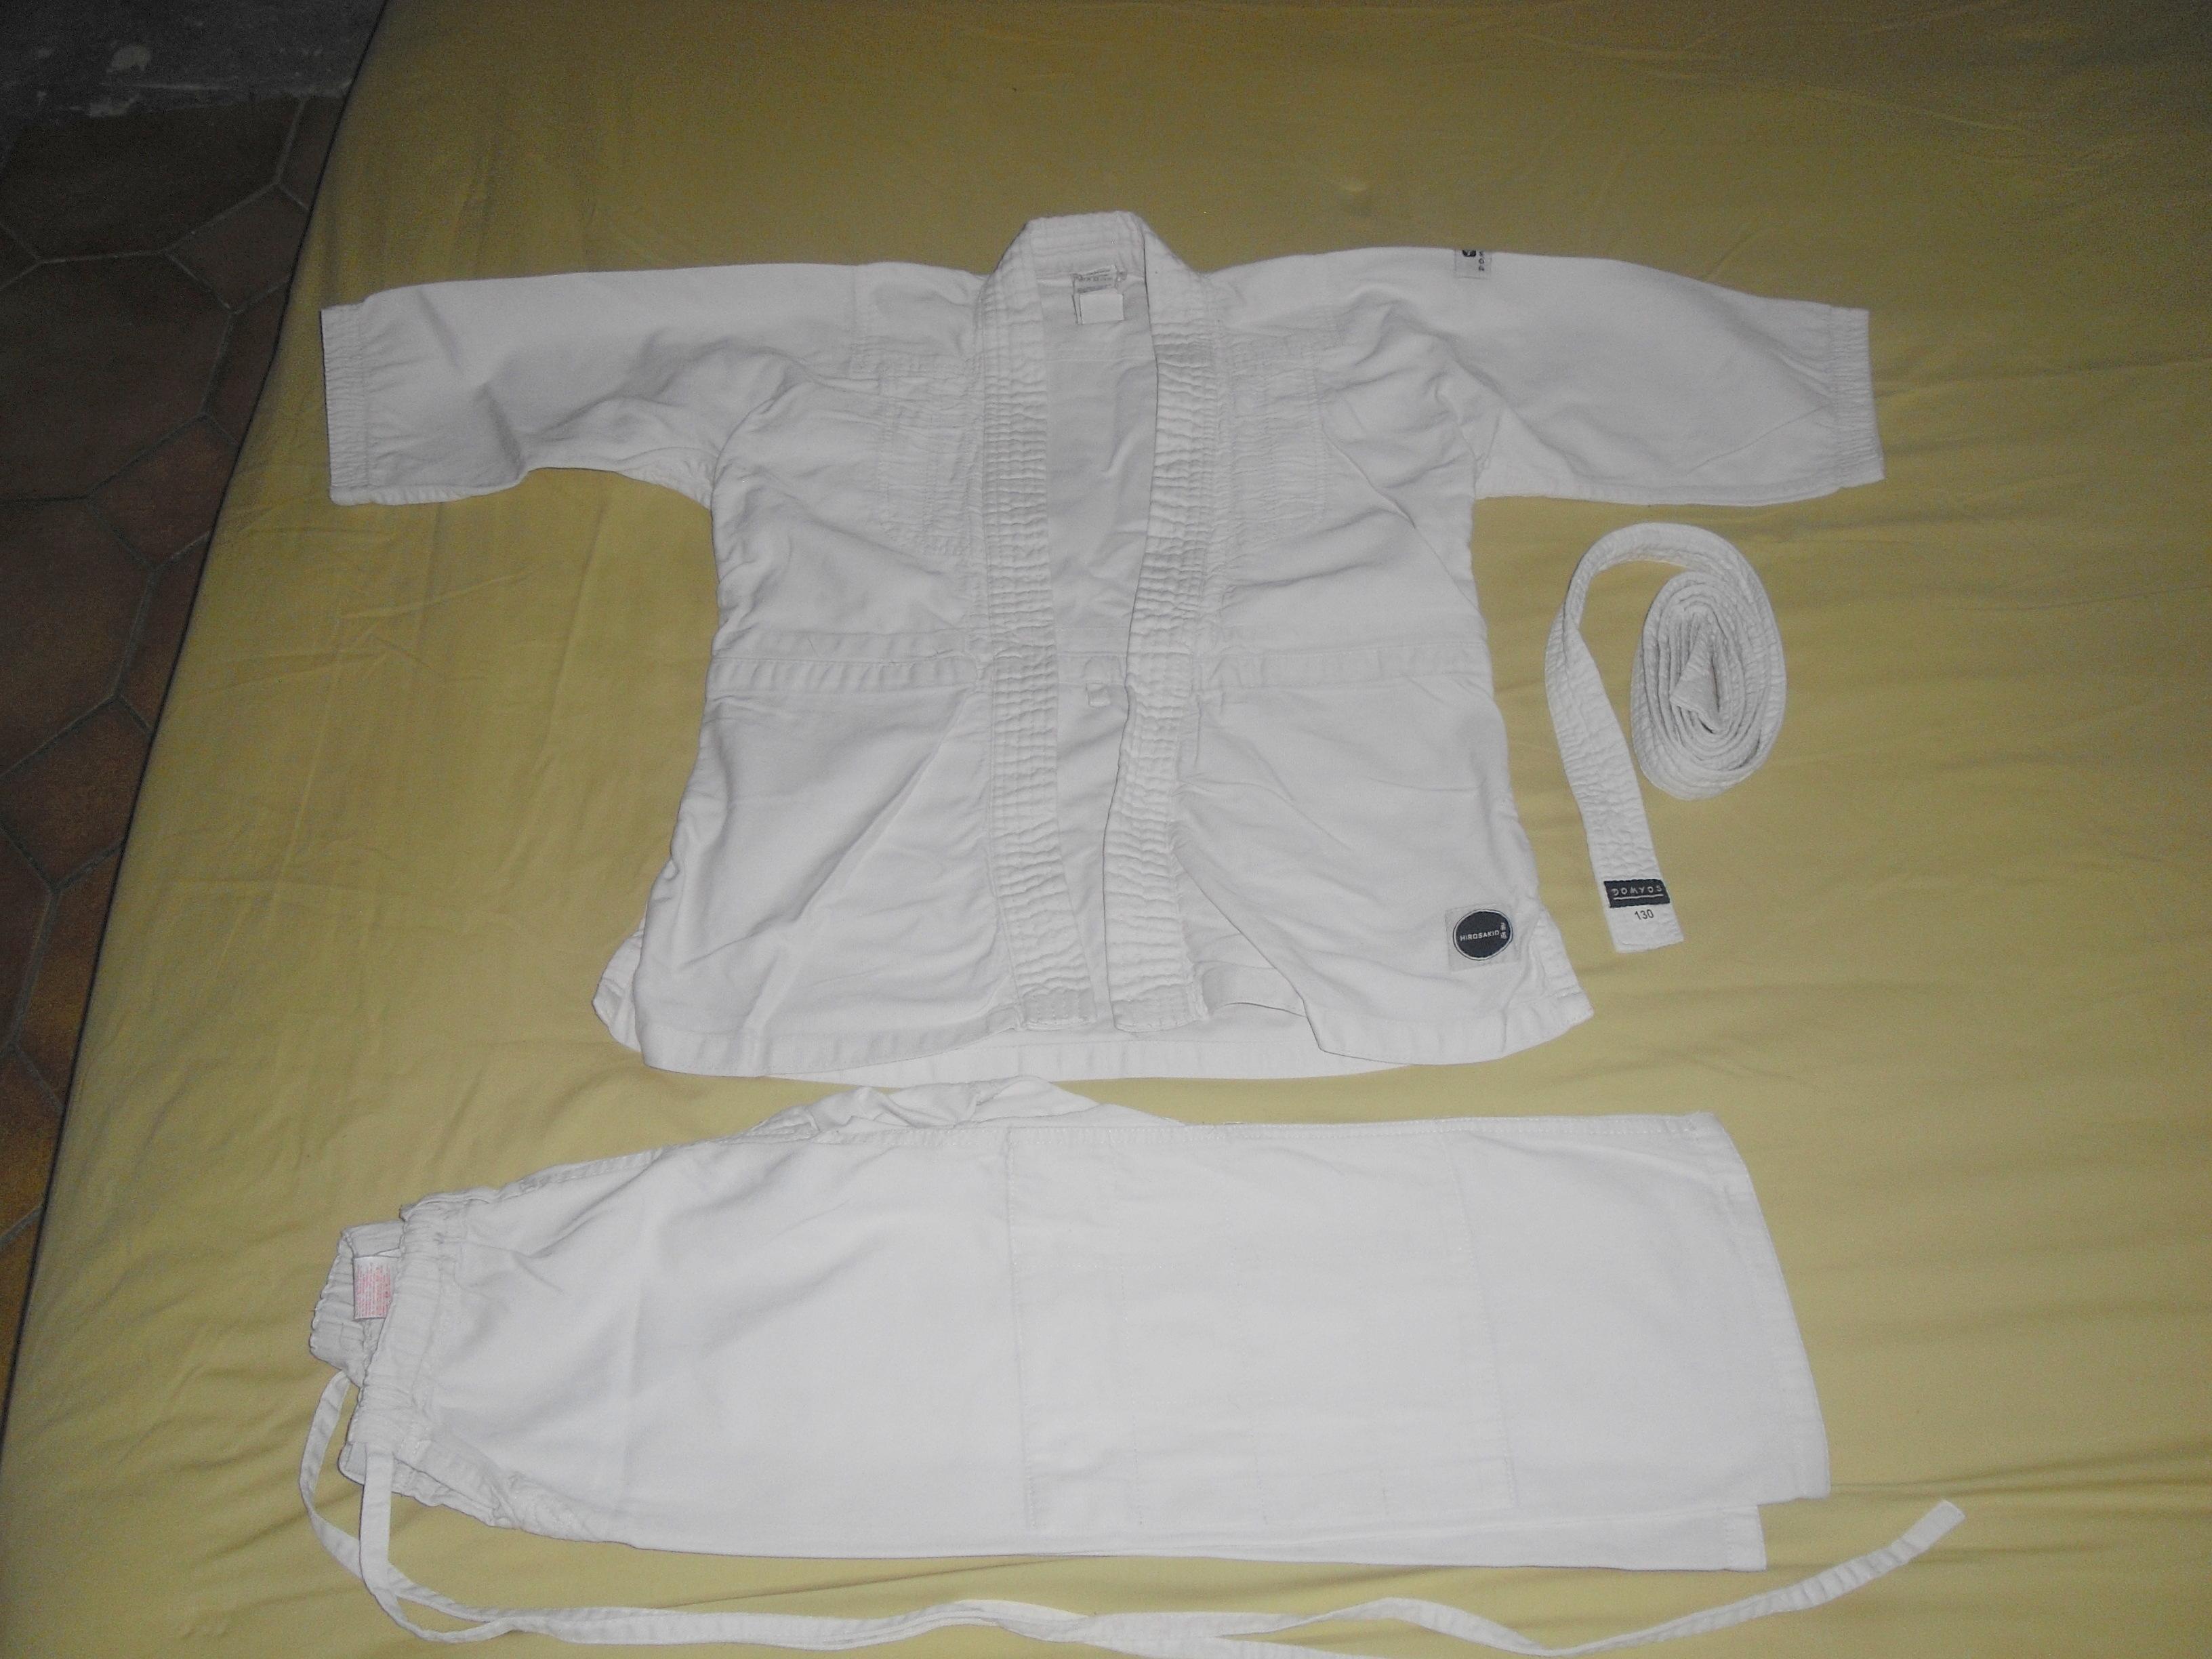 troc de troc kimono décathlon taille 6 ans image 0